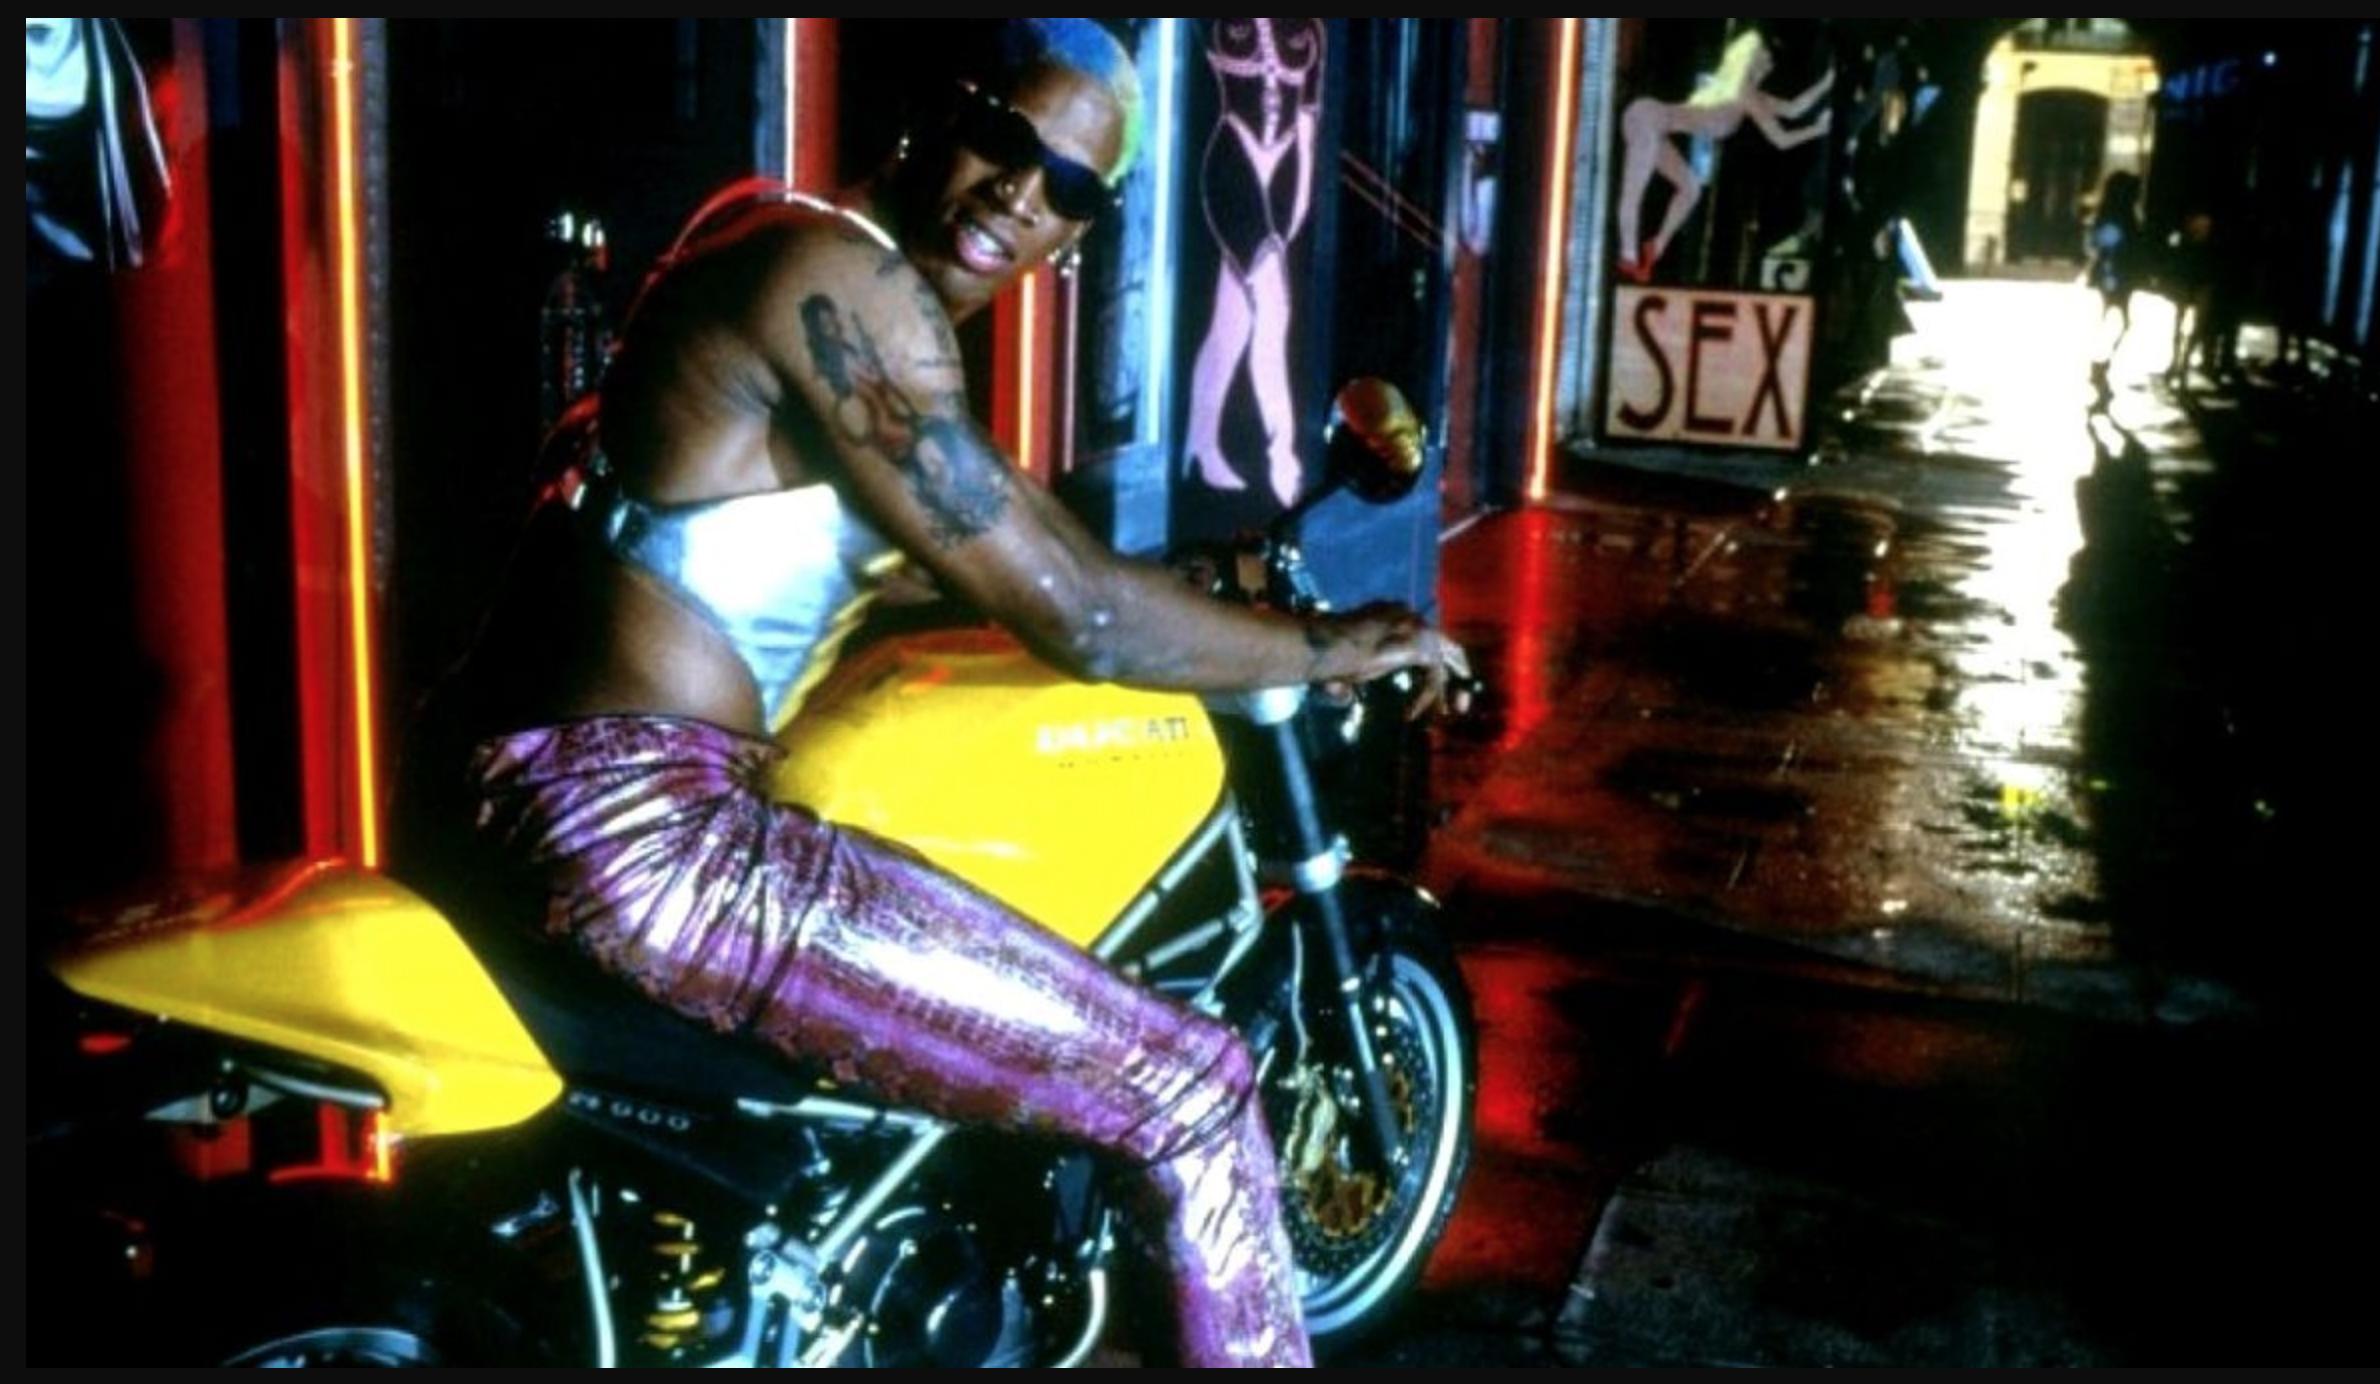 """Dennis Rodman on üks NBA ajaloo värvikaimatest karakteritest. Ta on iseendaga abiellunud ja mänginud märulifilmis koos Jean-Claude Van Damme'iga ning Põhja-Korea juht Kim Jong-un on tema hea sõber. Kaader filmist """"Double Team"""""""